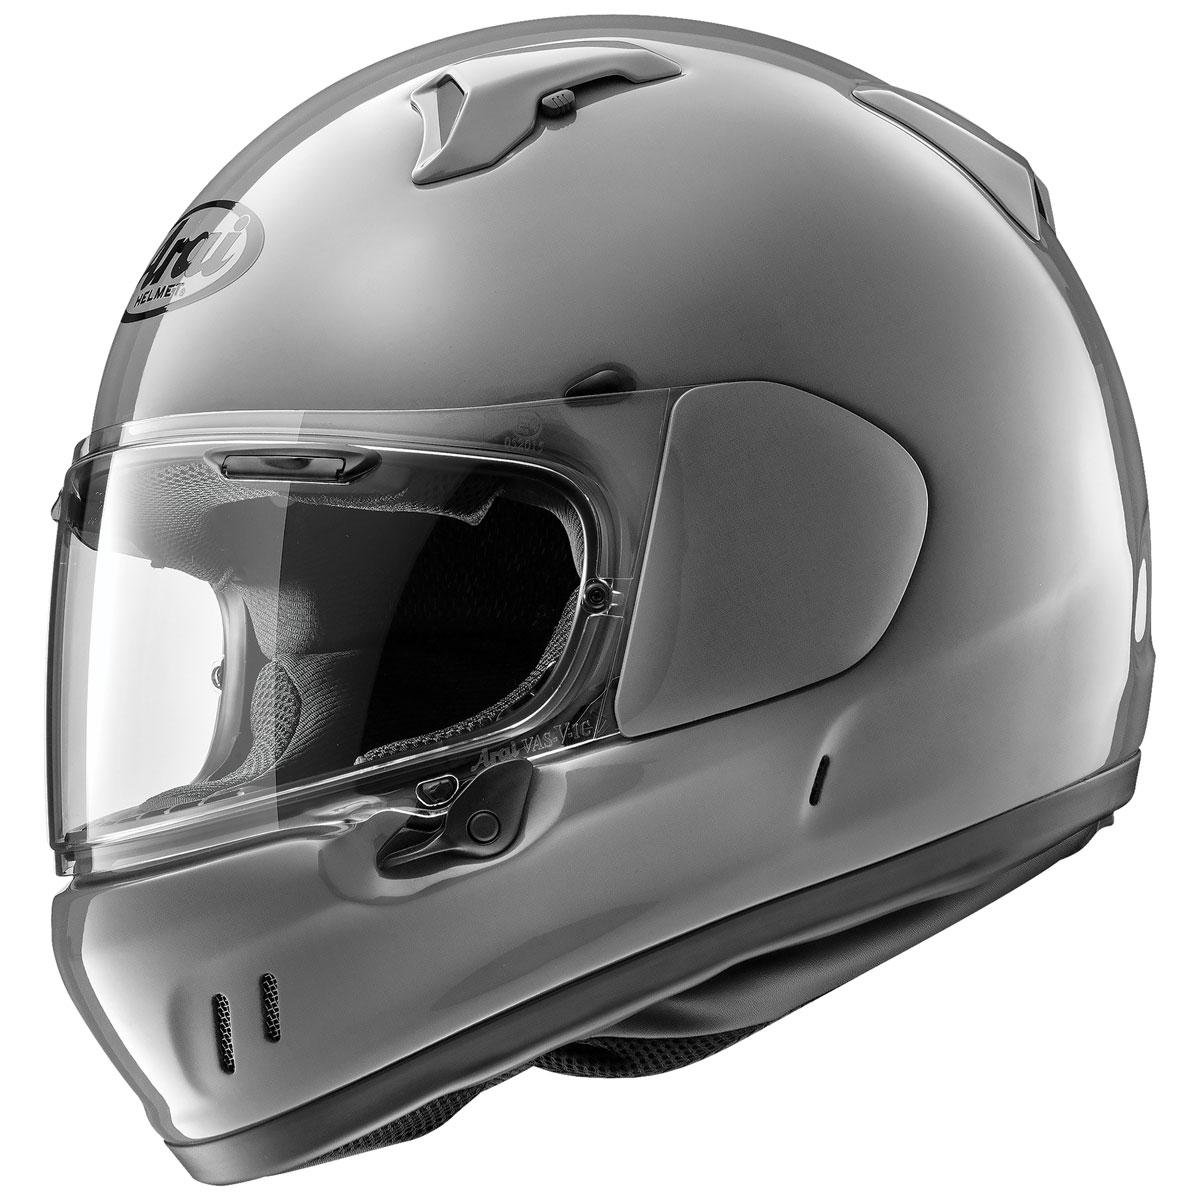 Arai Defiant-X Modern Gray Full Face Helmet